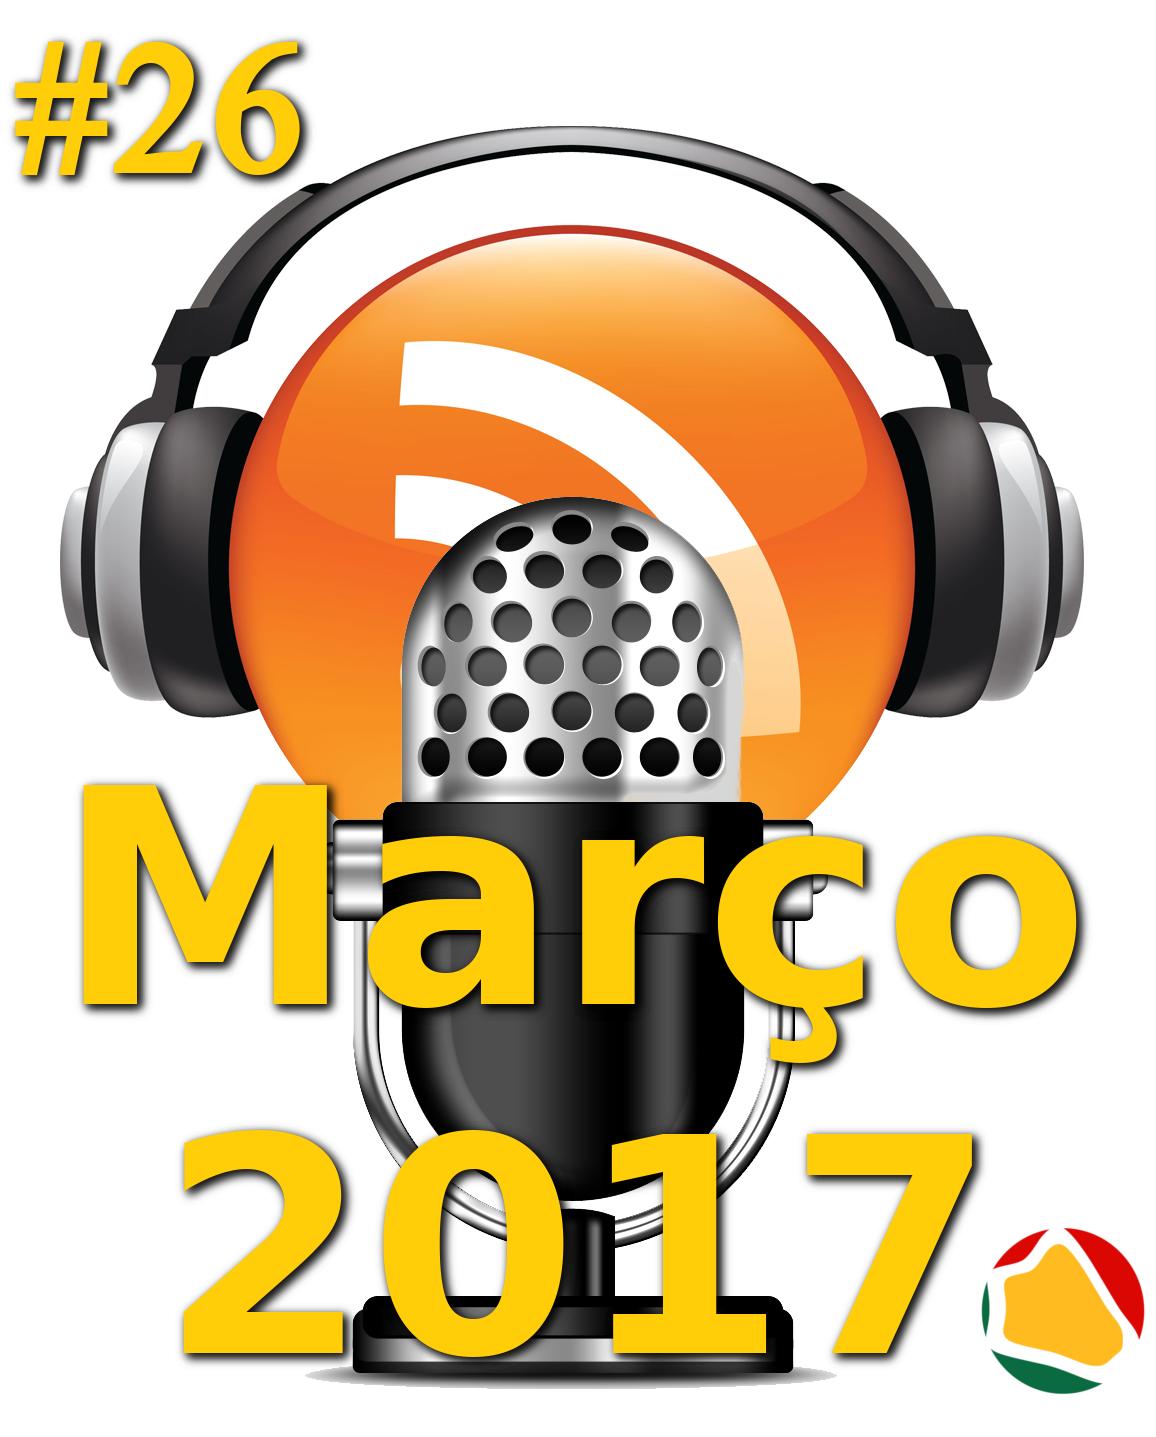 #26 – Podcast – Noticias e artigos de Março 2017